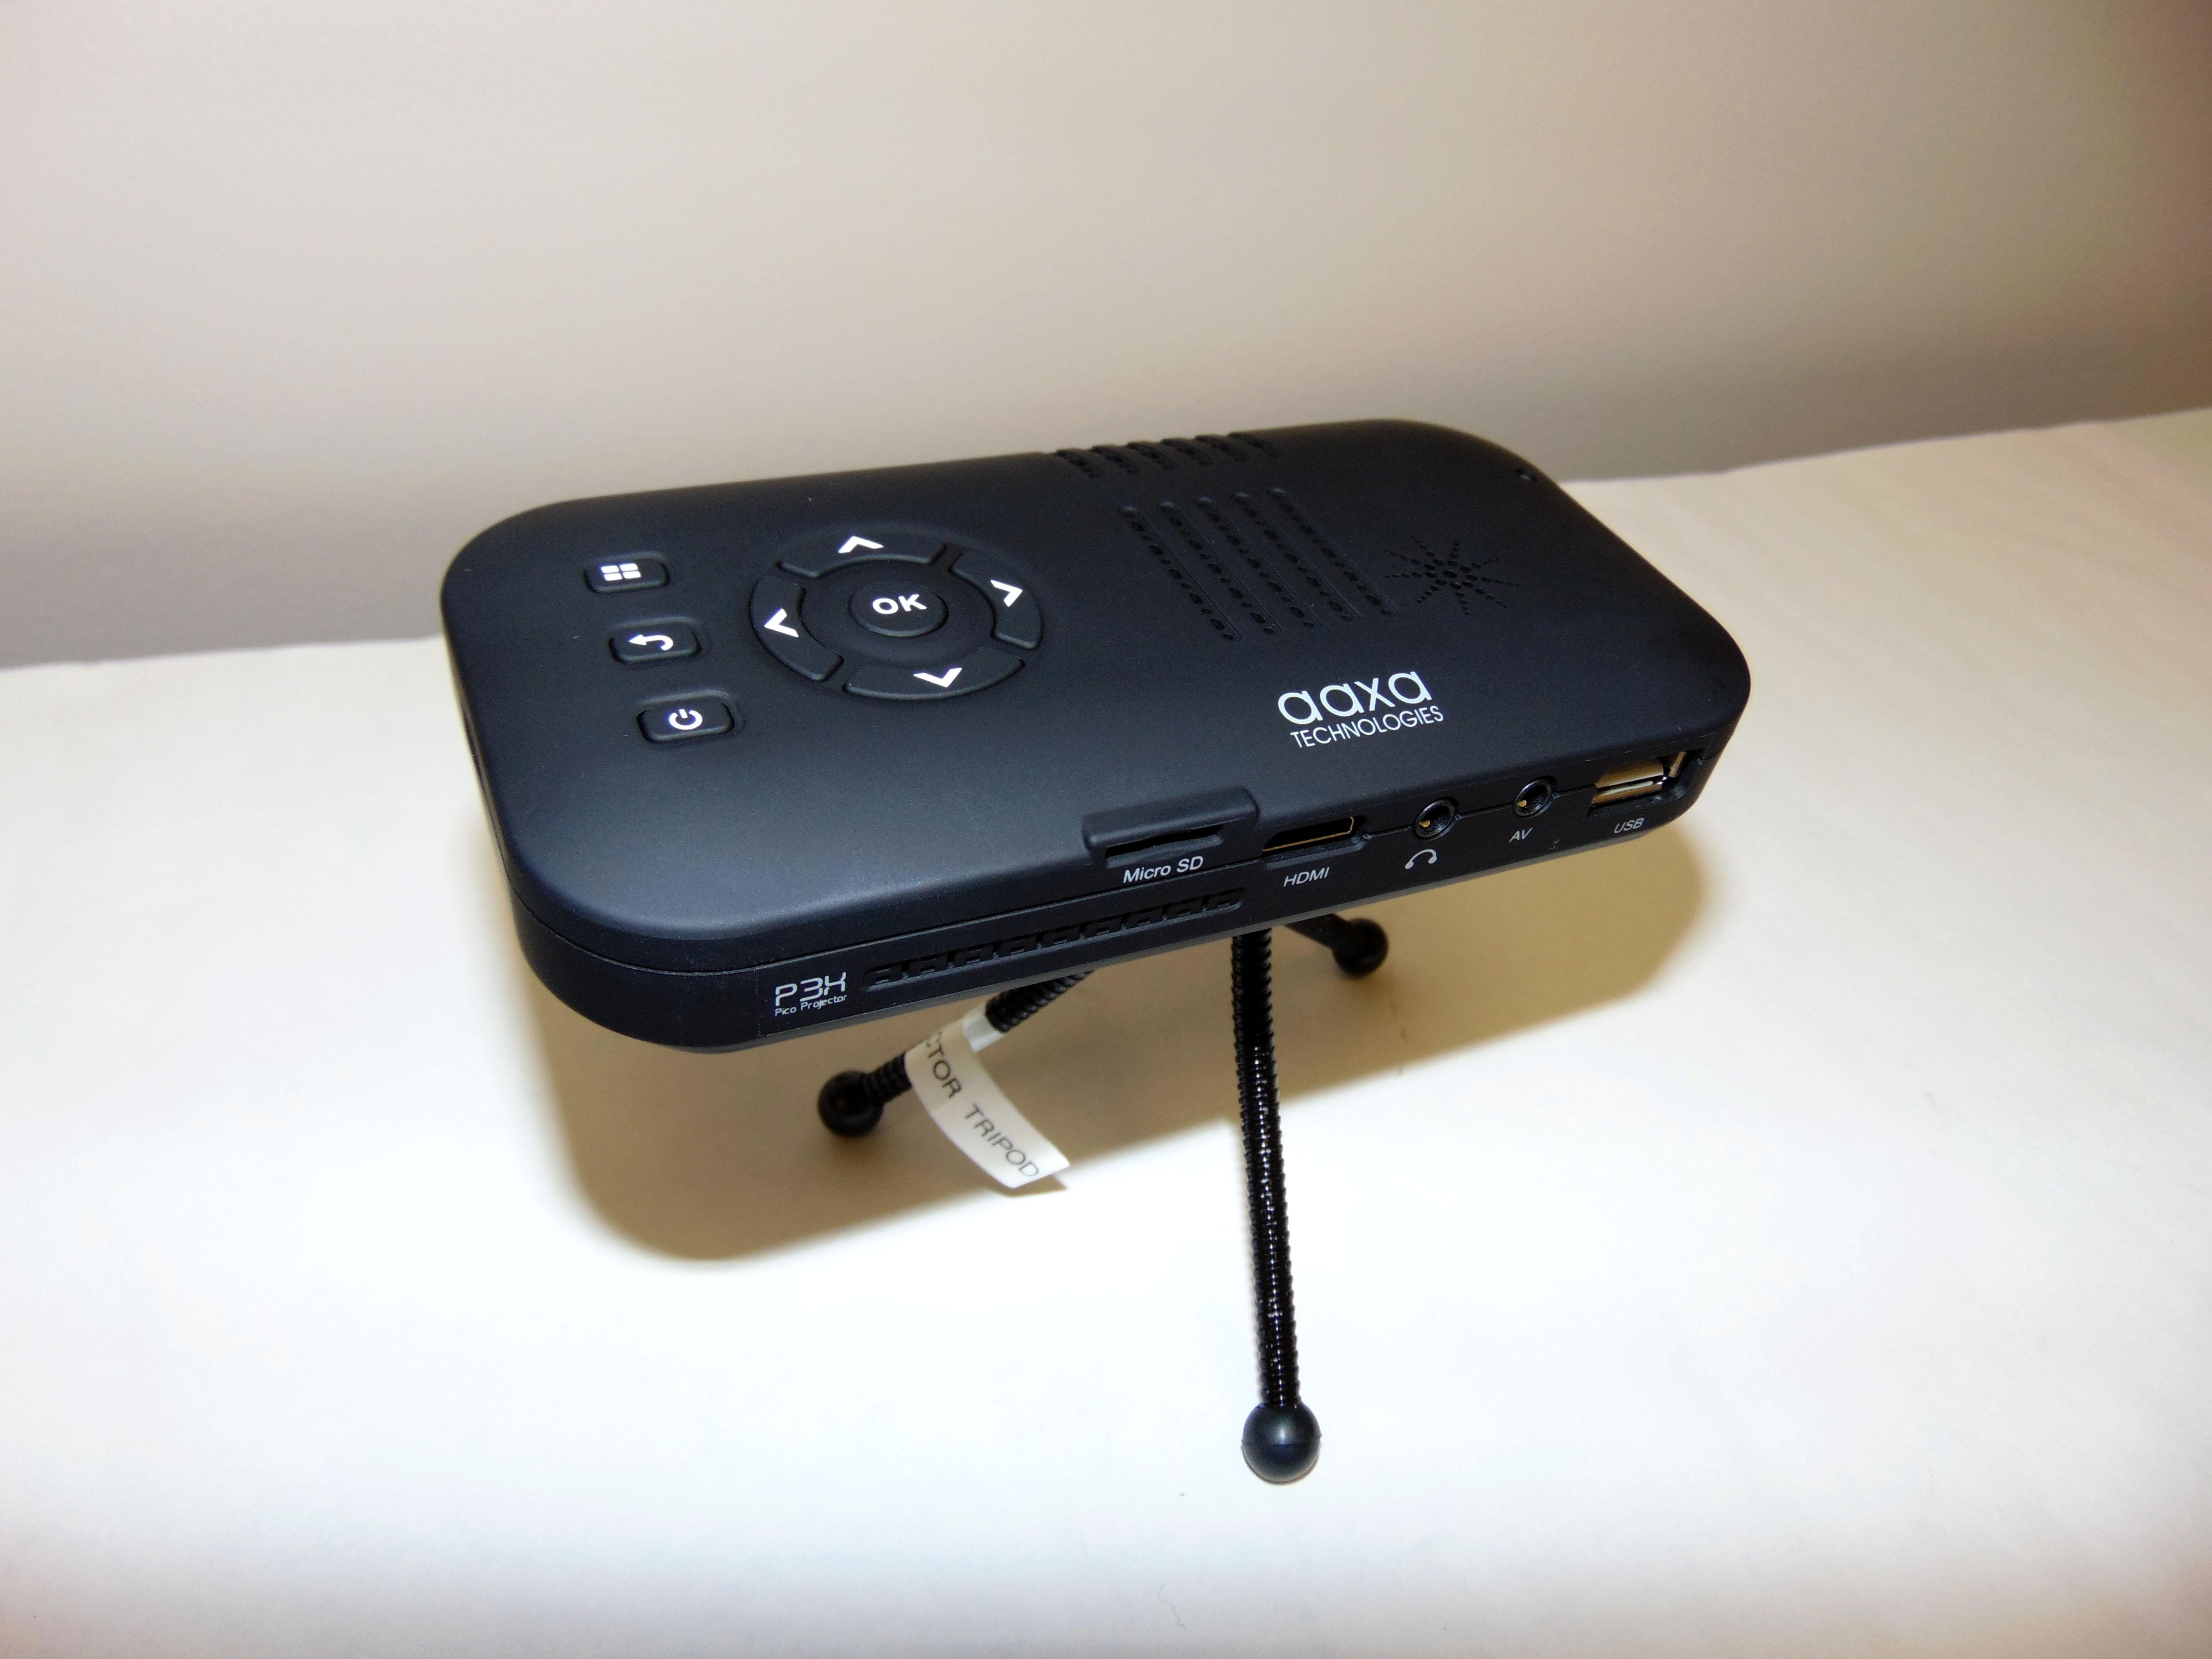 aaxa Portable Projector